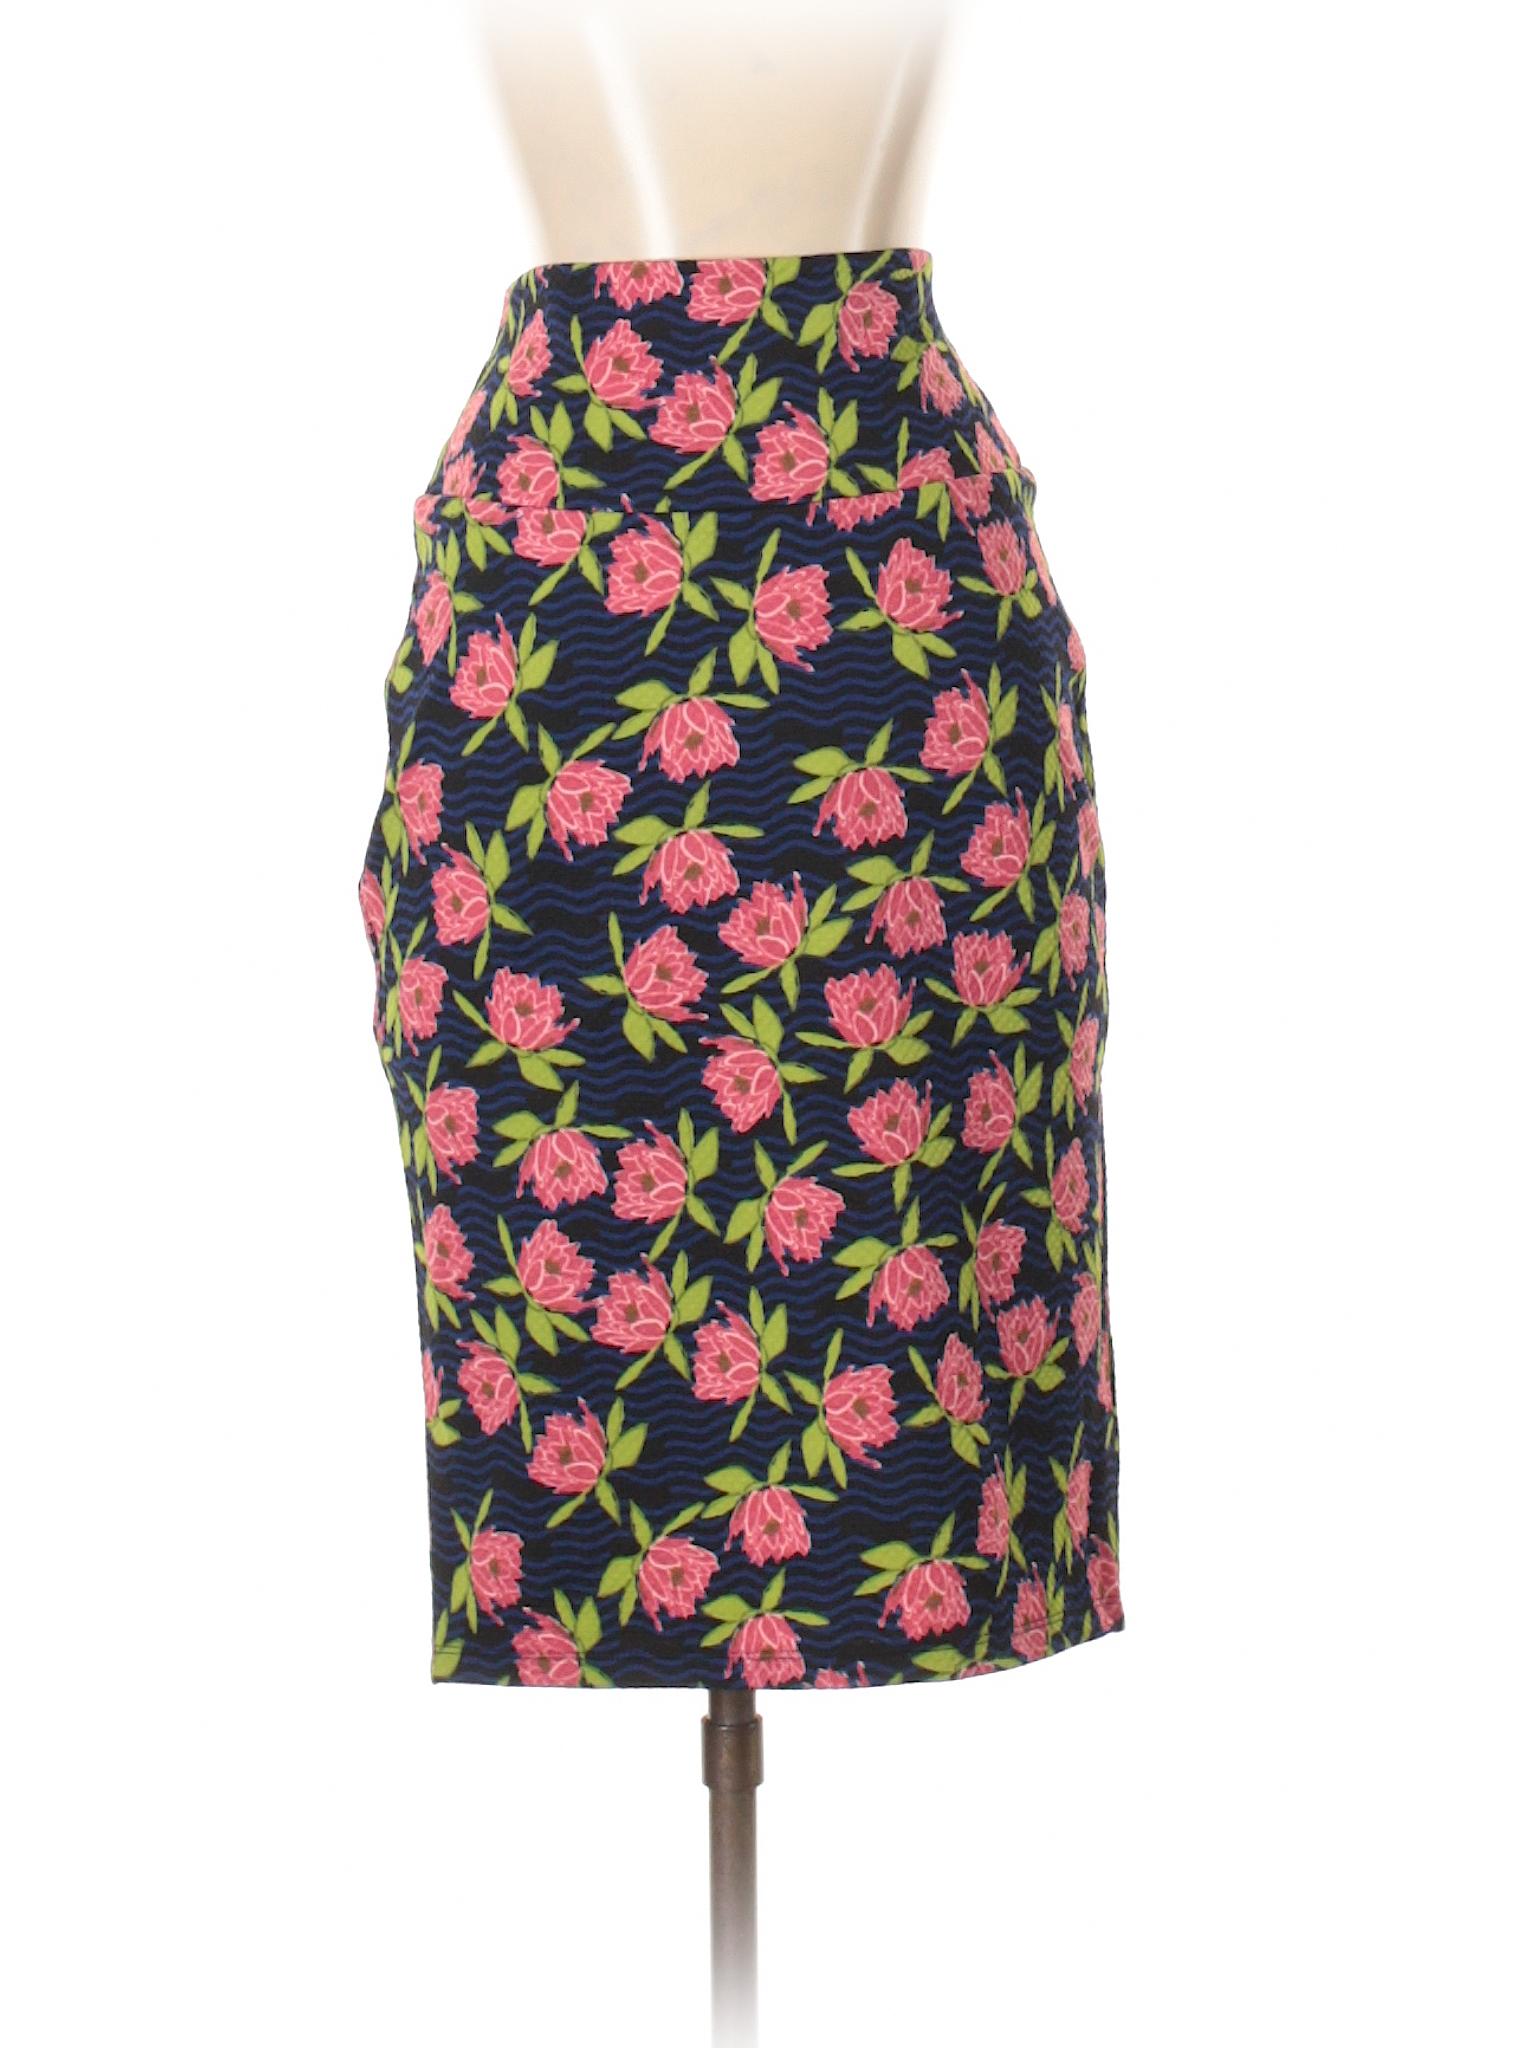 Skirt Casual Casual Skirt Skirt Boutique Casual Boutique Casual Boutique Casual Boutique Boutique Skirt 0qw7xR7